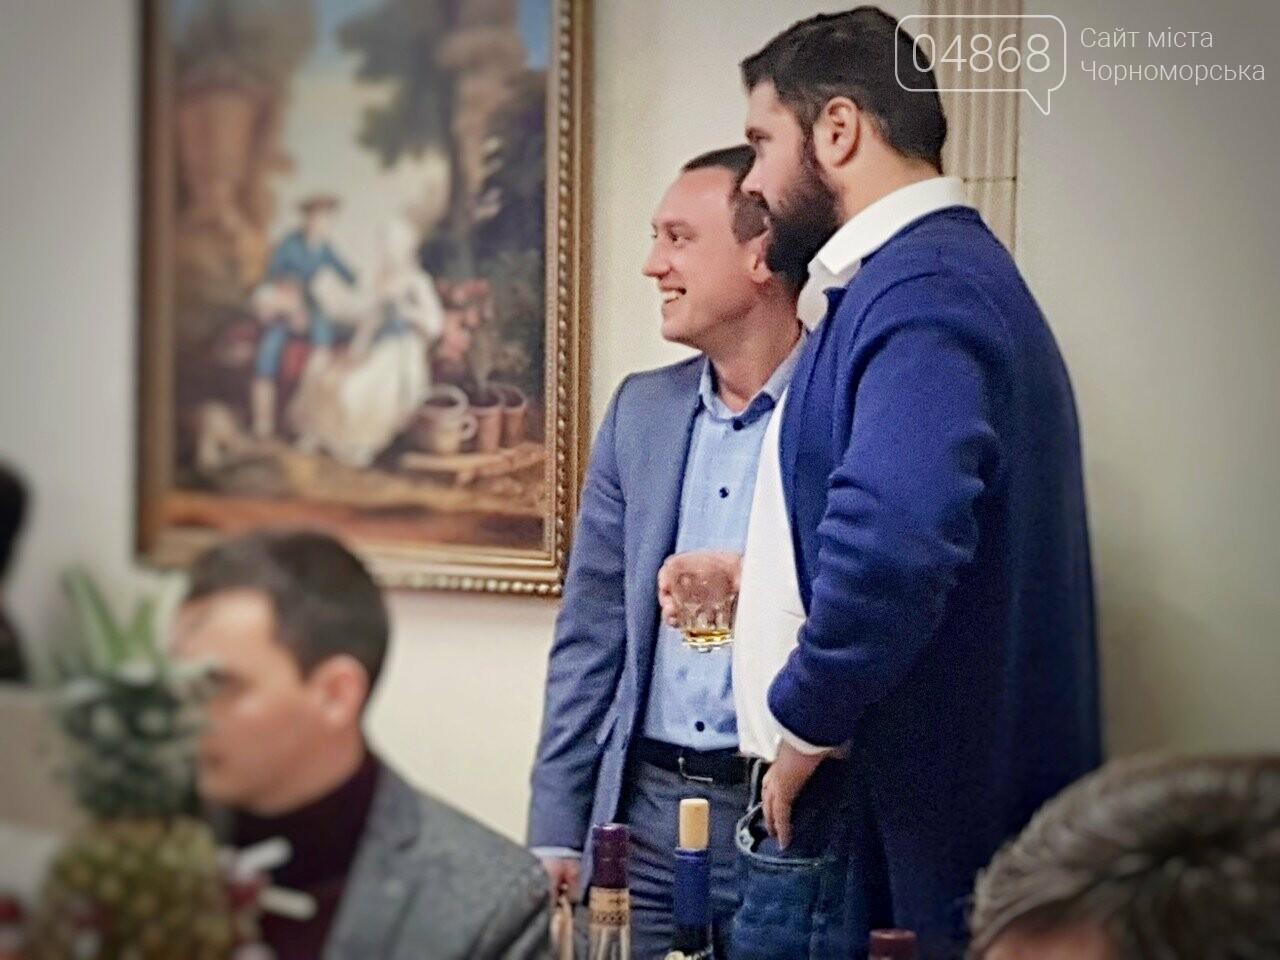 Руководство Ильичевского судоремонтного завода поздравляет с наступающими праздниками, фото-14